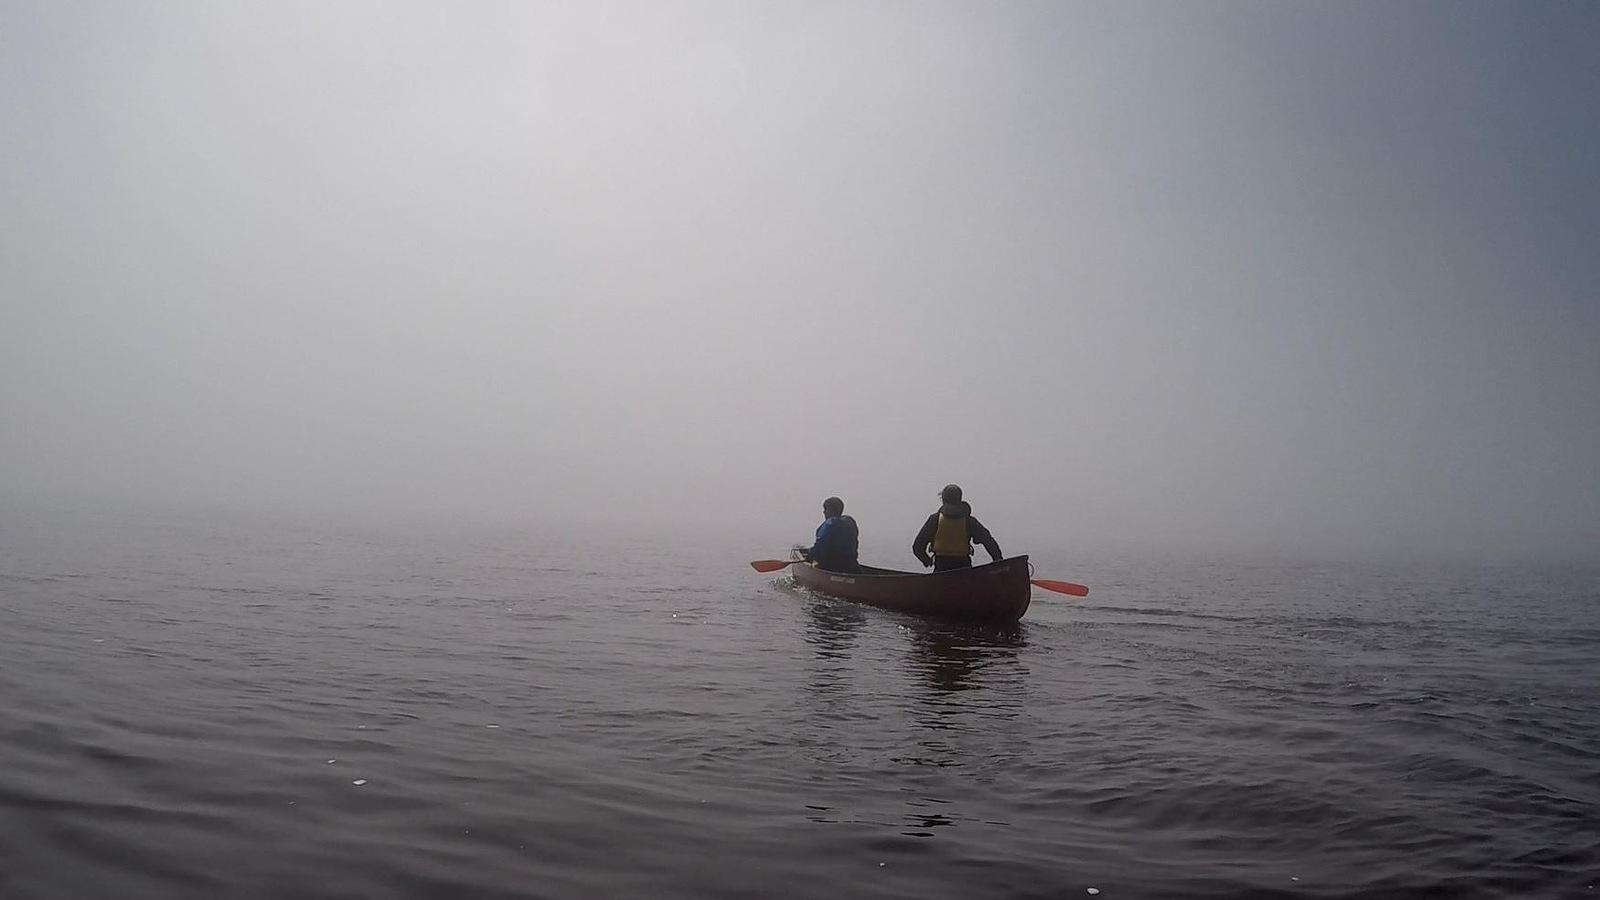 Un canot avec deux personnes, dans la brume